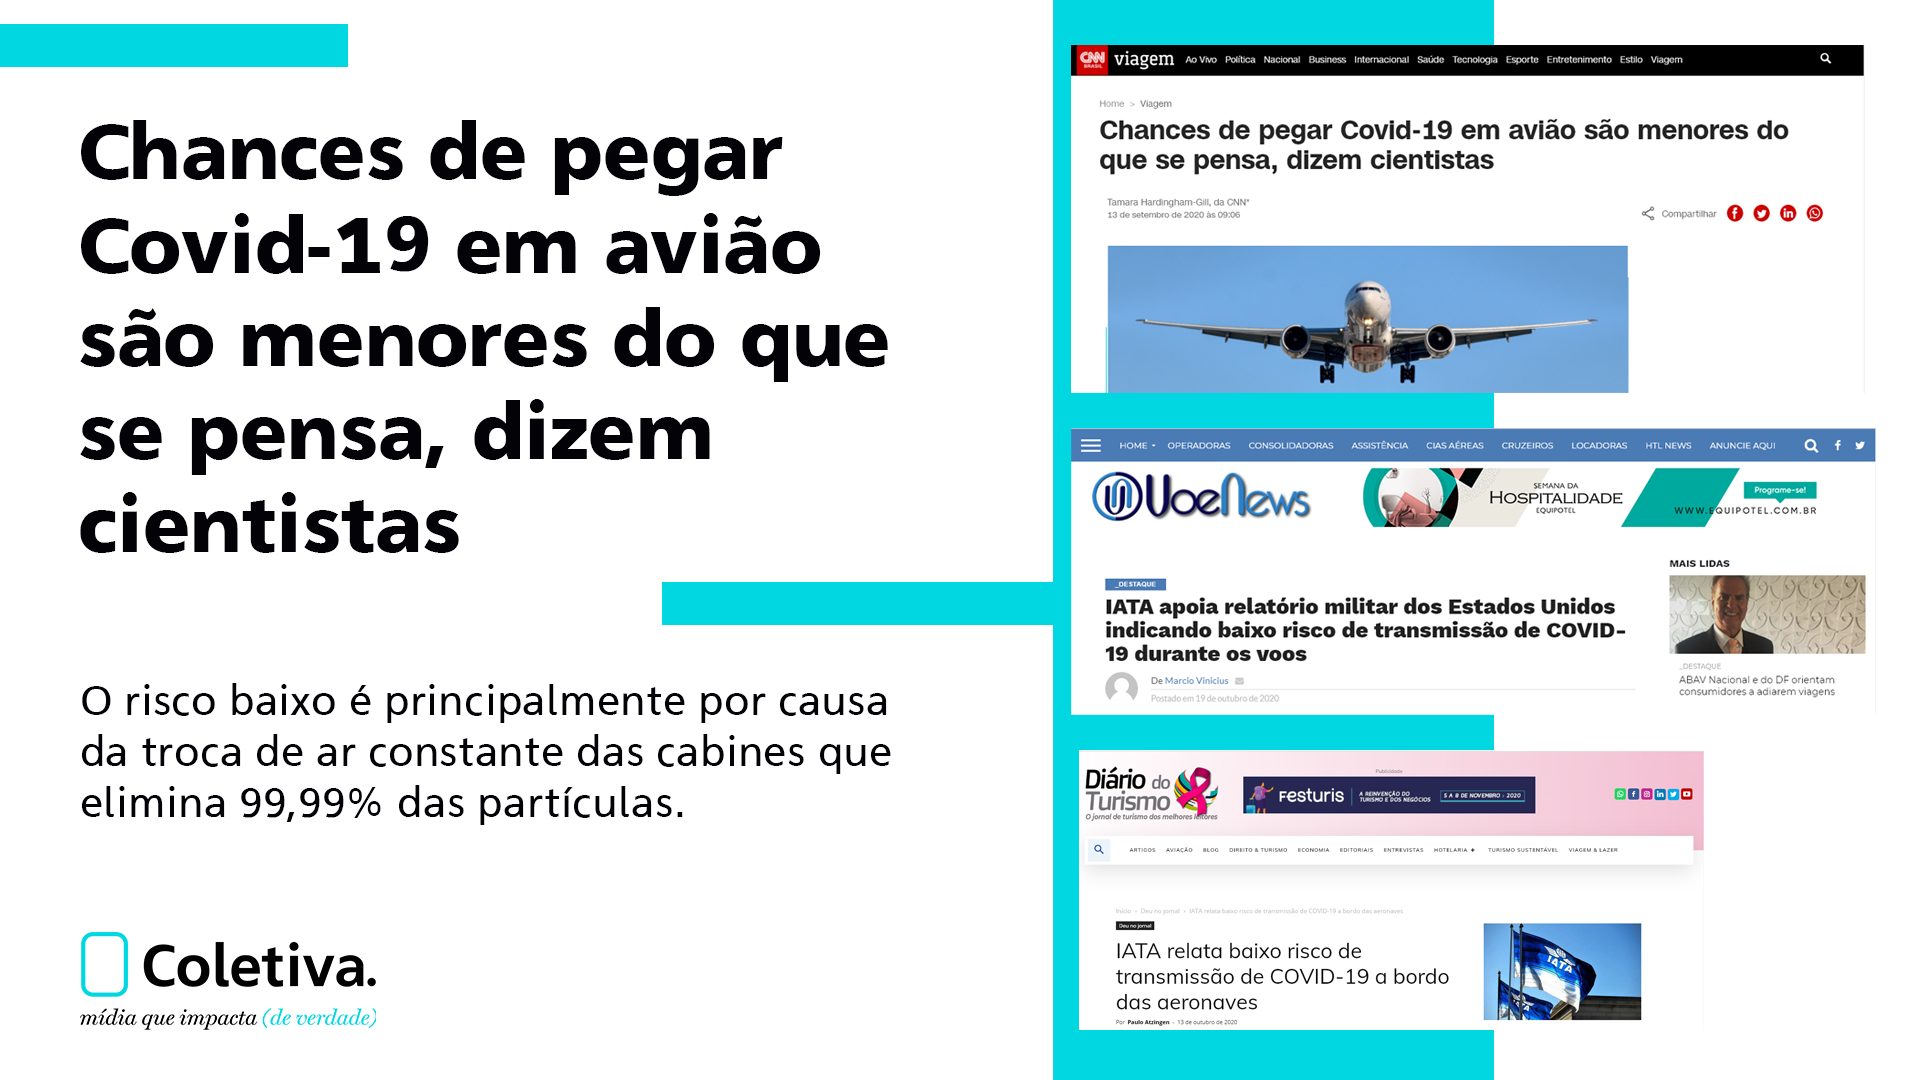 CHANCES DE PEGAR O COVID-19 EM AVIÃO SÃO MENORES DO QUE SE PENSA, DIZEM CIENTISTAS